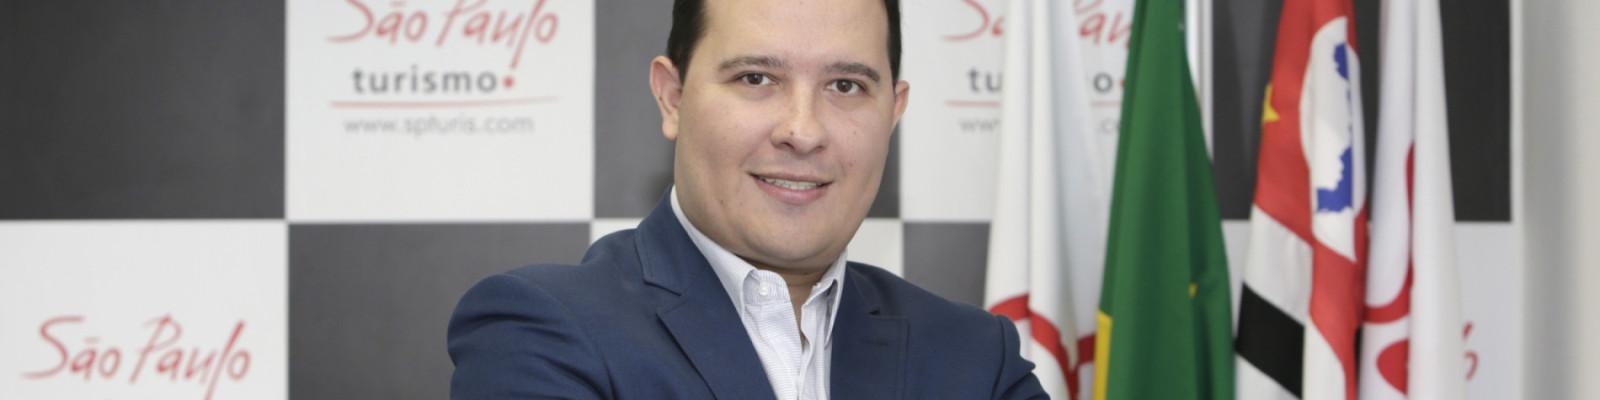 Rodrigo Kluska Rosa - São Paulo (SP) - 13.03.2019 - Rodrigo Kluska Rosa, presidente da São Paulo Turismo S/A. Foto: Jose Cordeiro/SPTuris